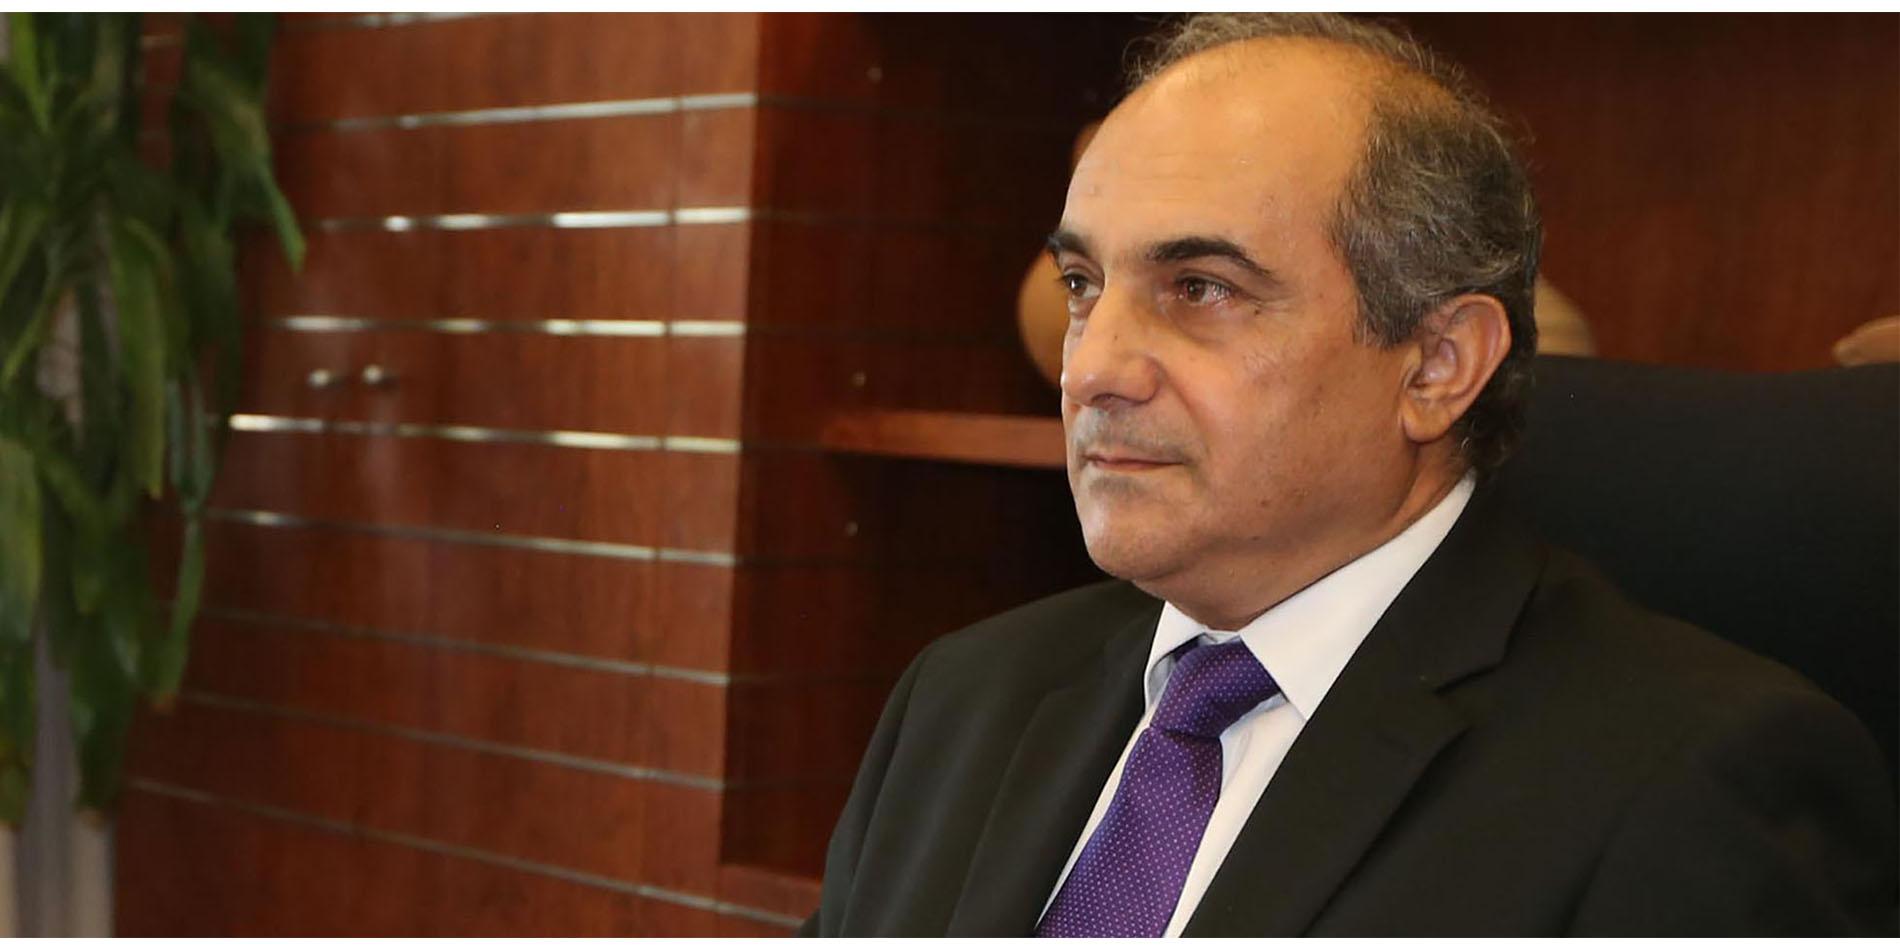 Κύπρος: Τηλεφωνική επικοινωνία Συλλούρη με τον Πρόεδρο της Αρμενικής Εθνοσυνέλευσης